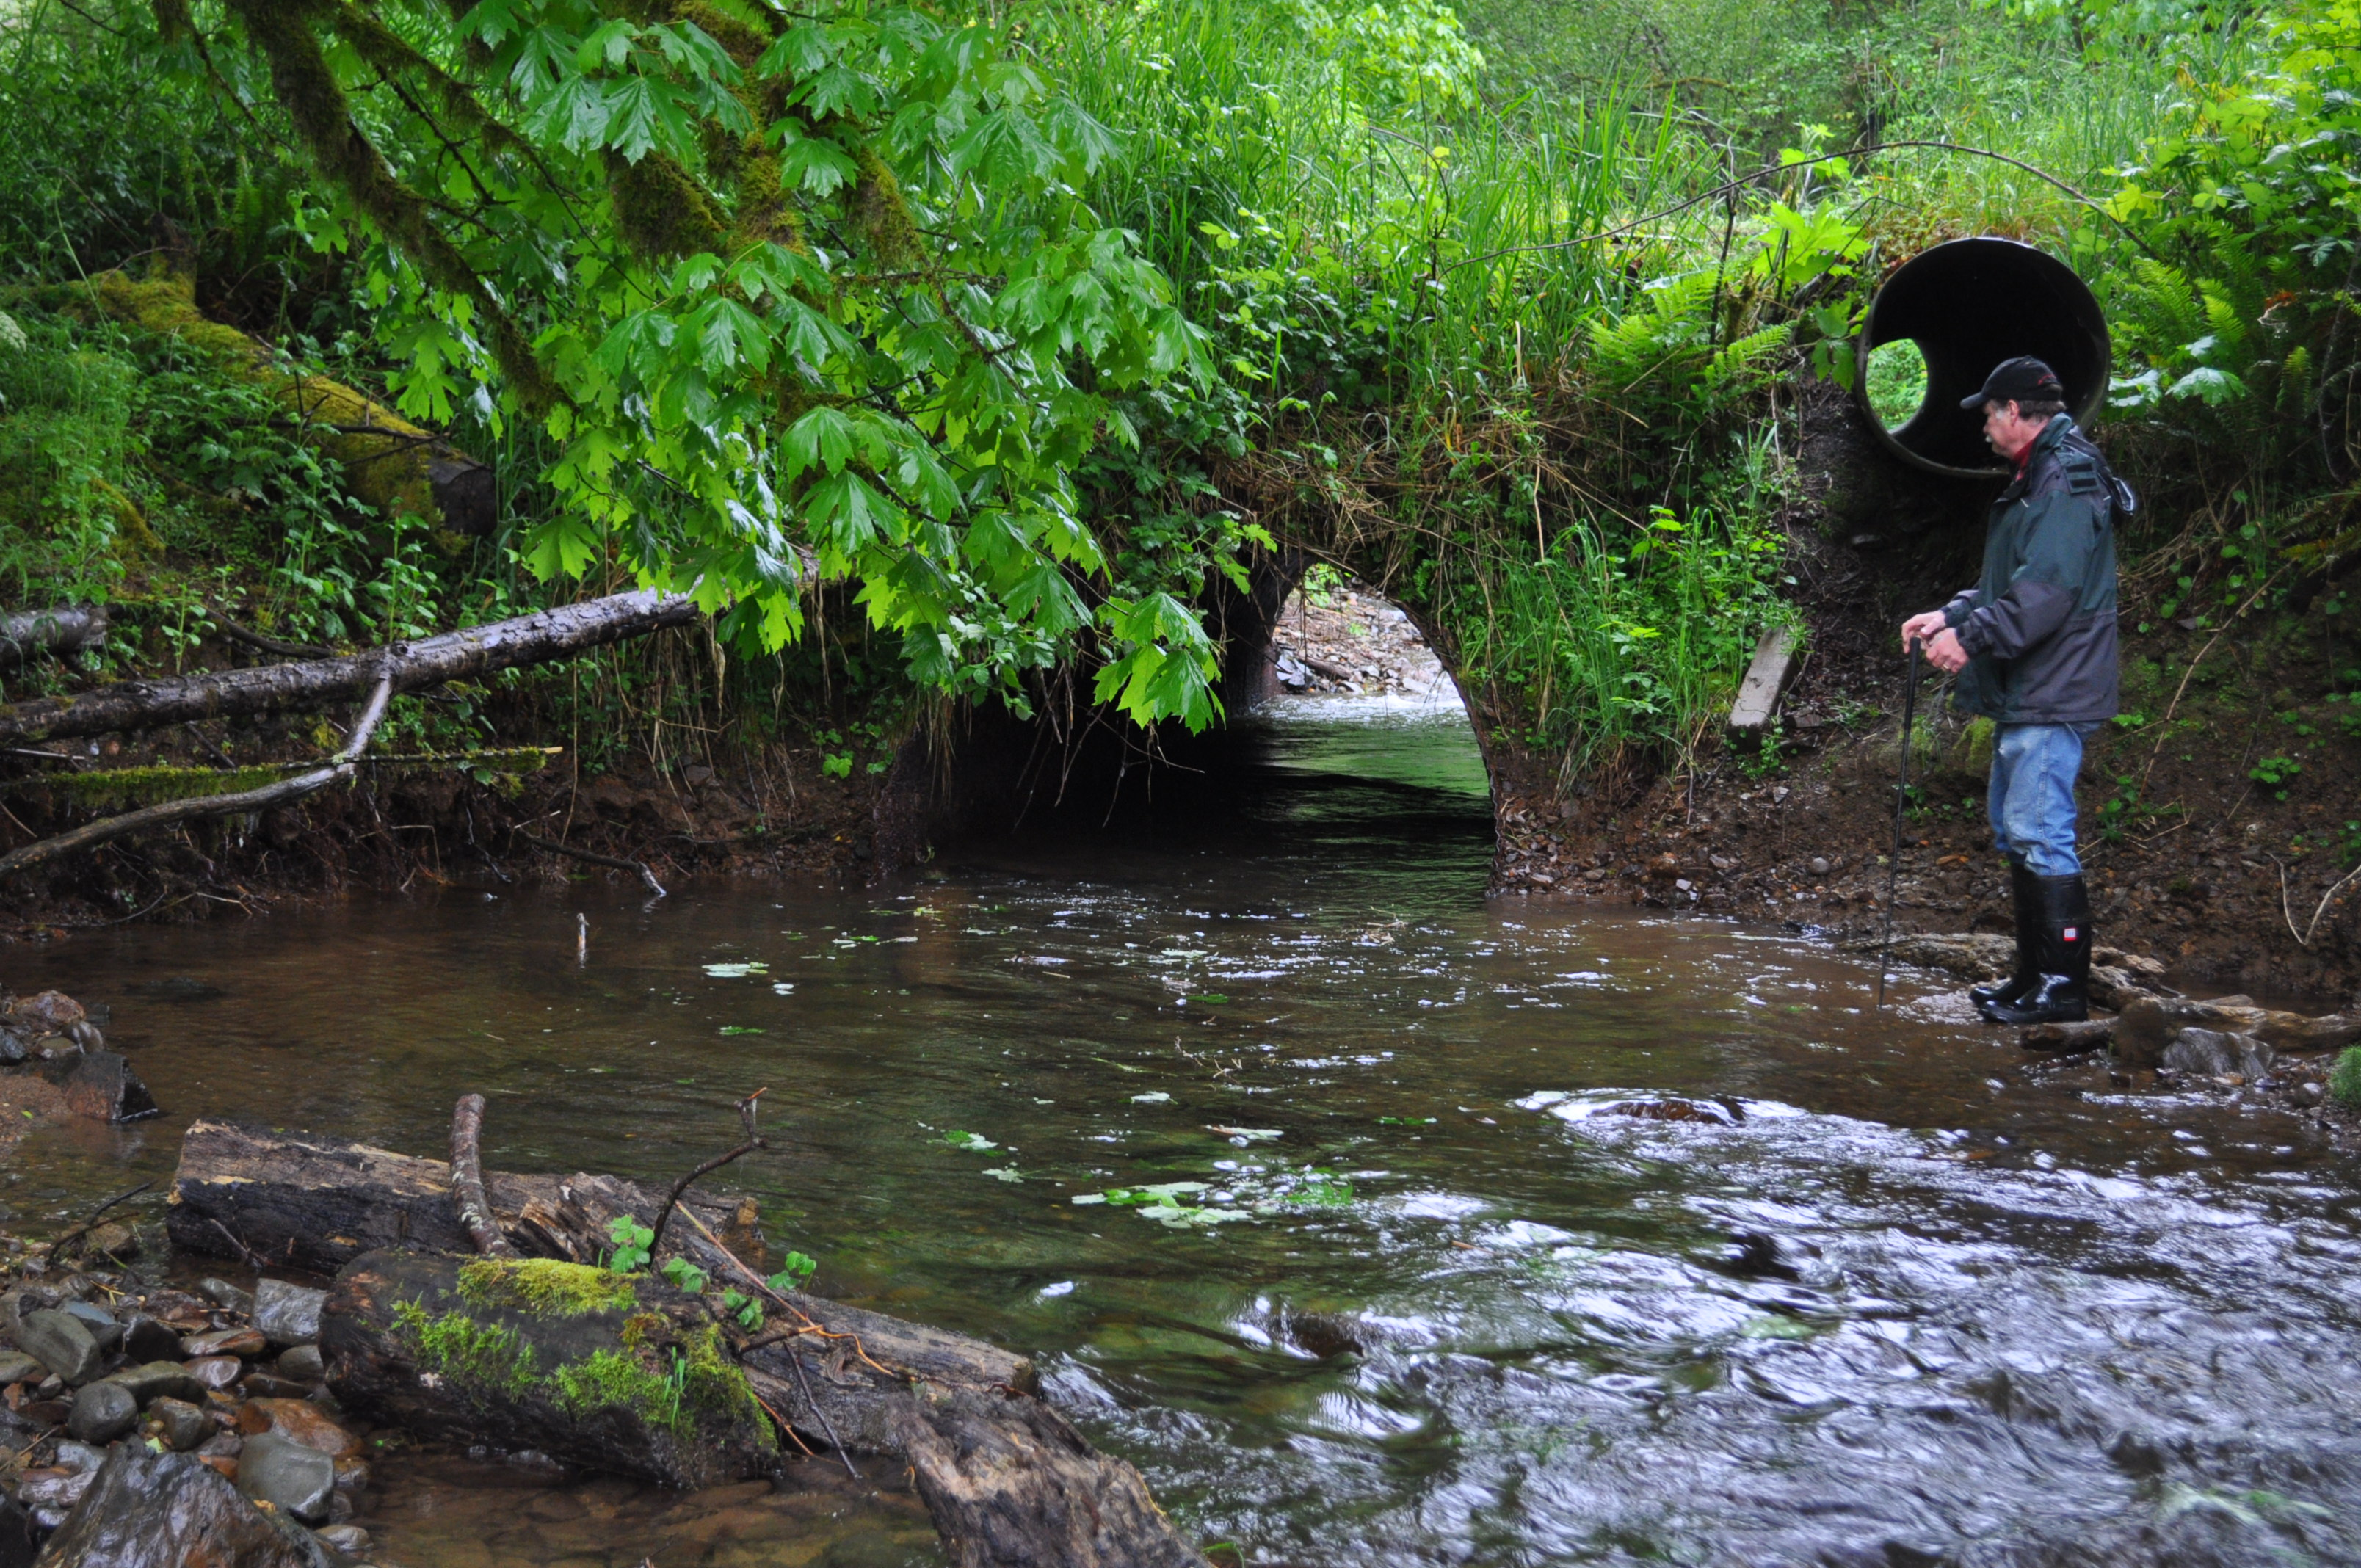 Before looking Upstream